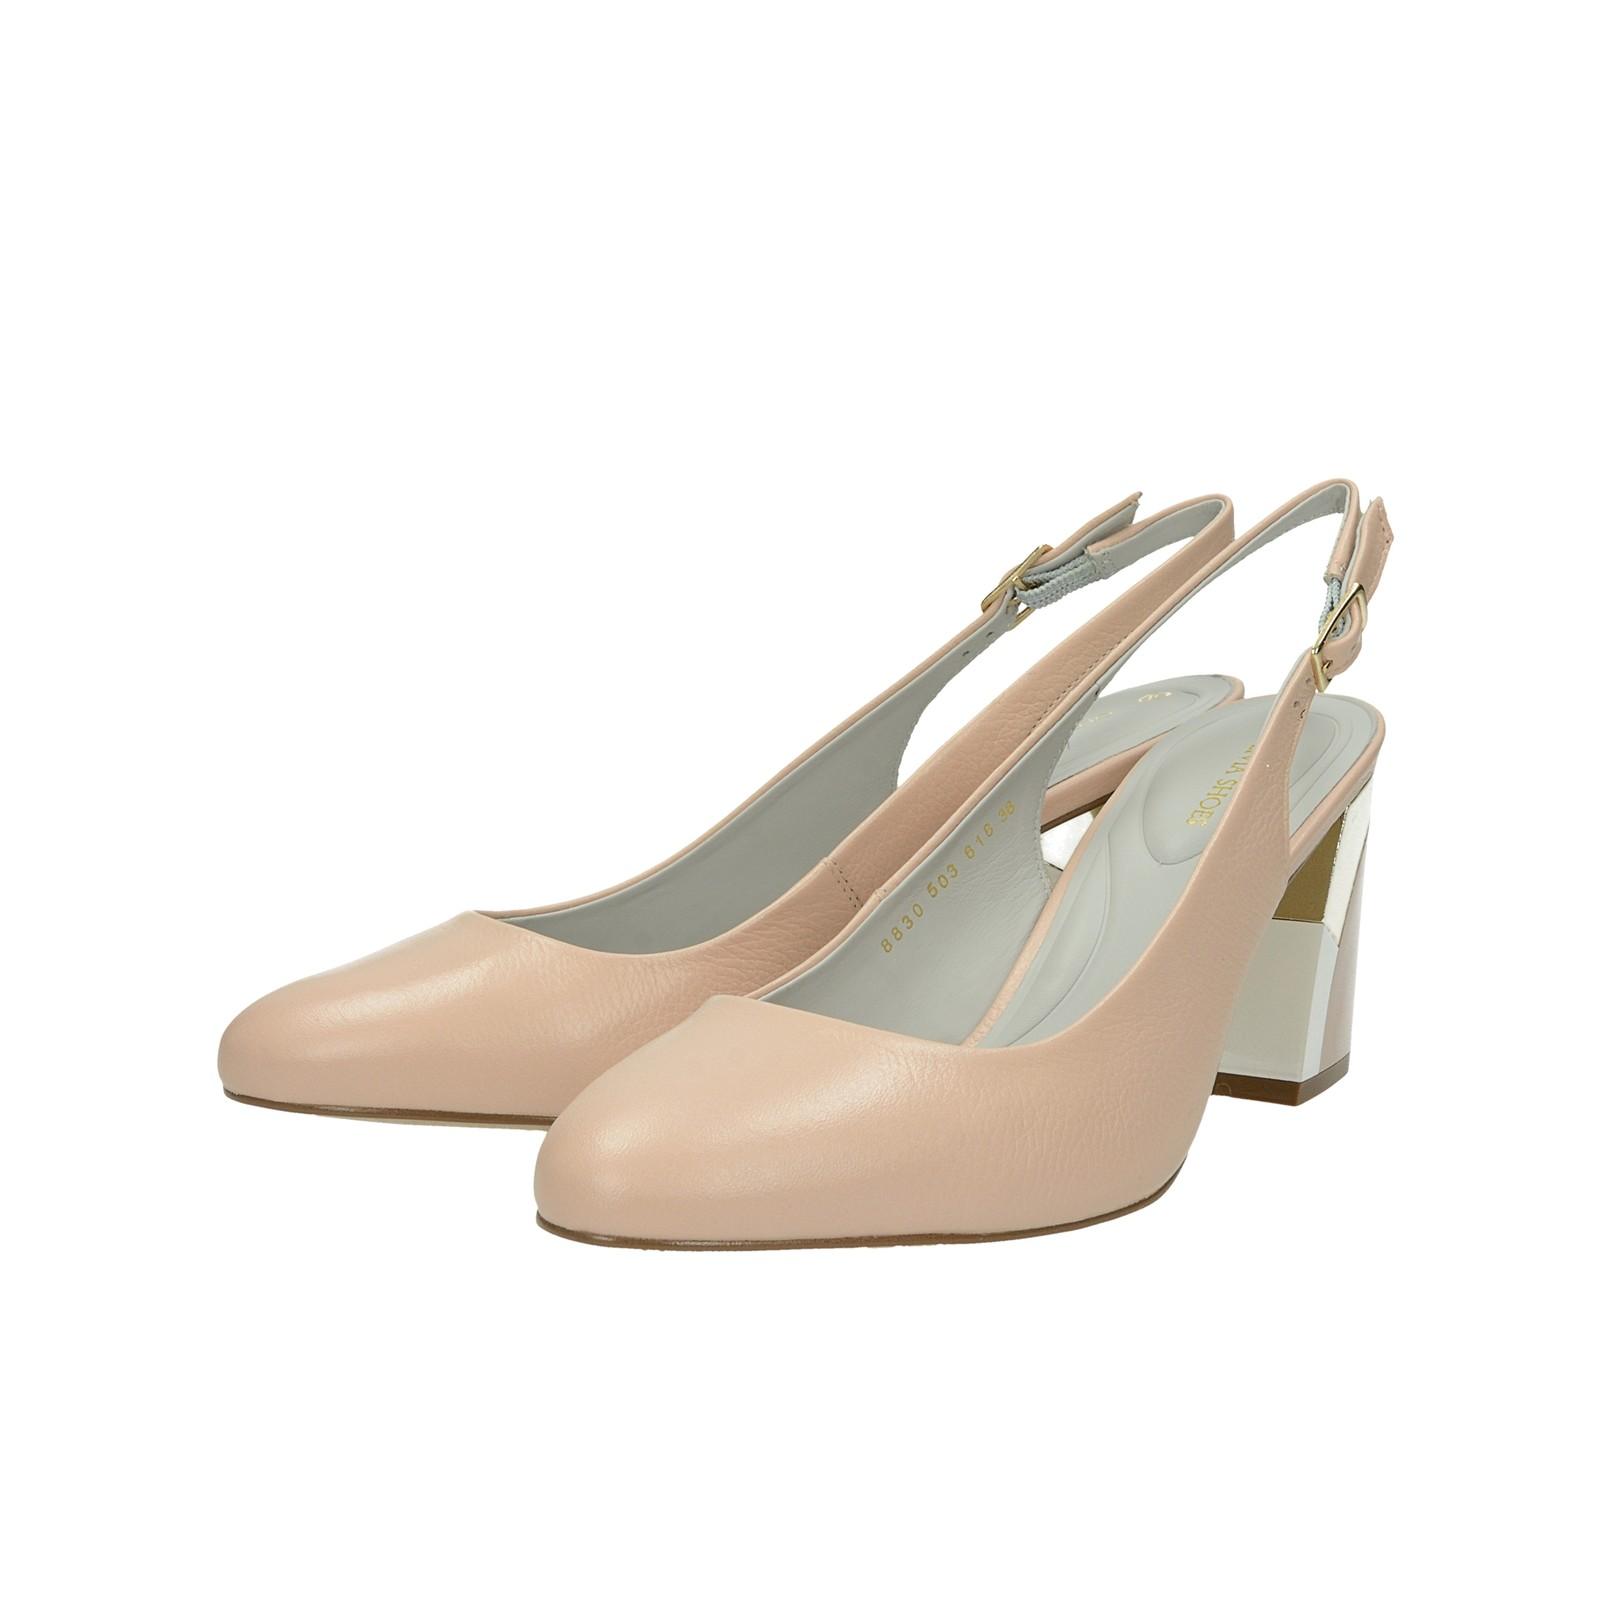 4c2f53fcb4c0 ... Olivia shoes dámske kožené sandále s remienkom - béžové ...